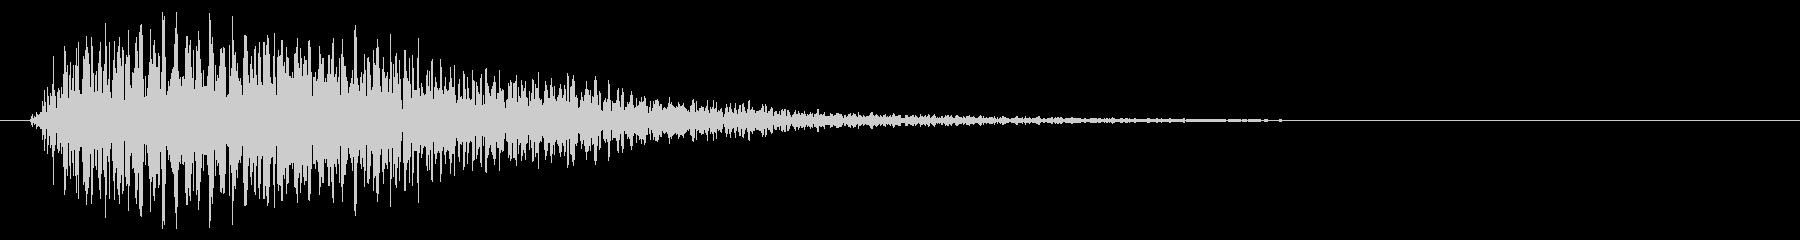 クラブ系 タッチ音6(マイナーナインス)の未再生の波形